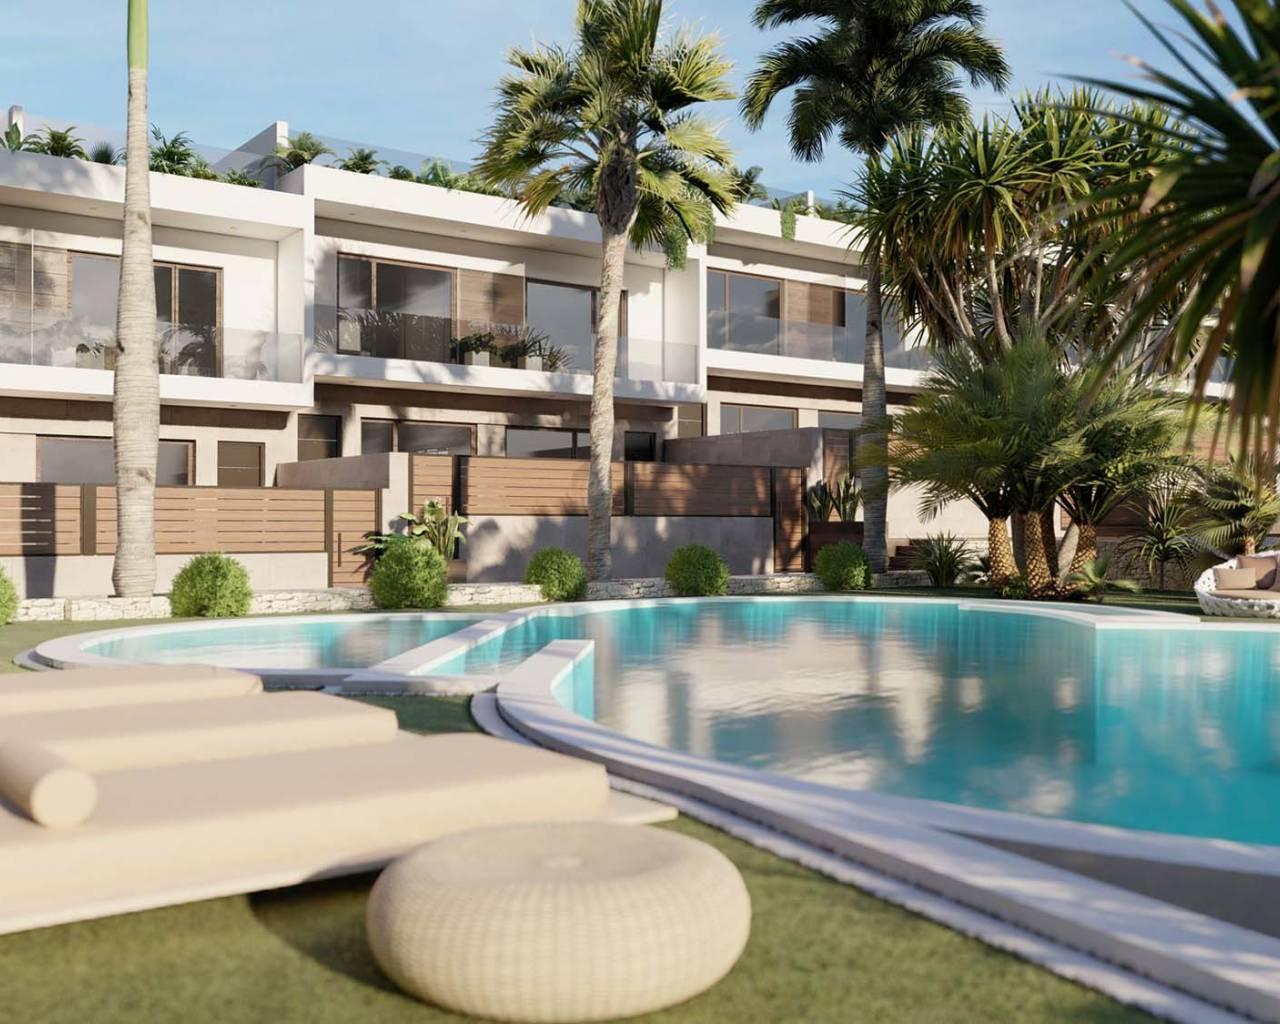 nieuwbouw-geschakelde-woning-duplex-torrevieja-los-balcones_5345_xl